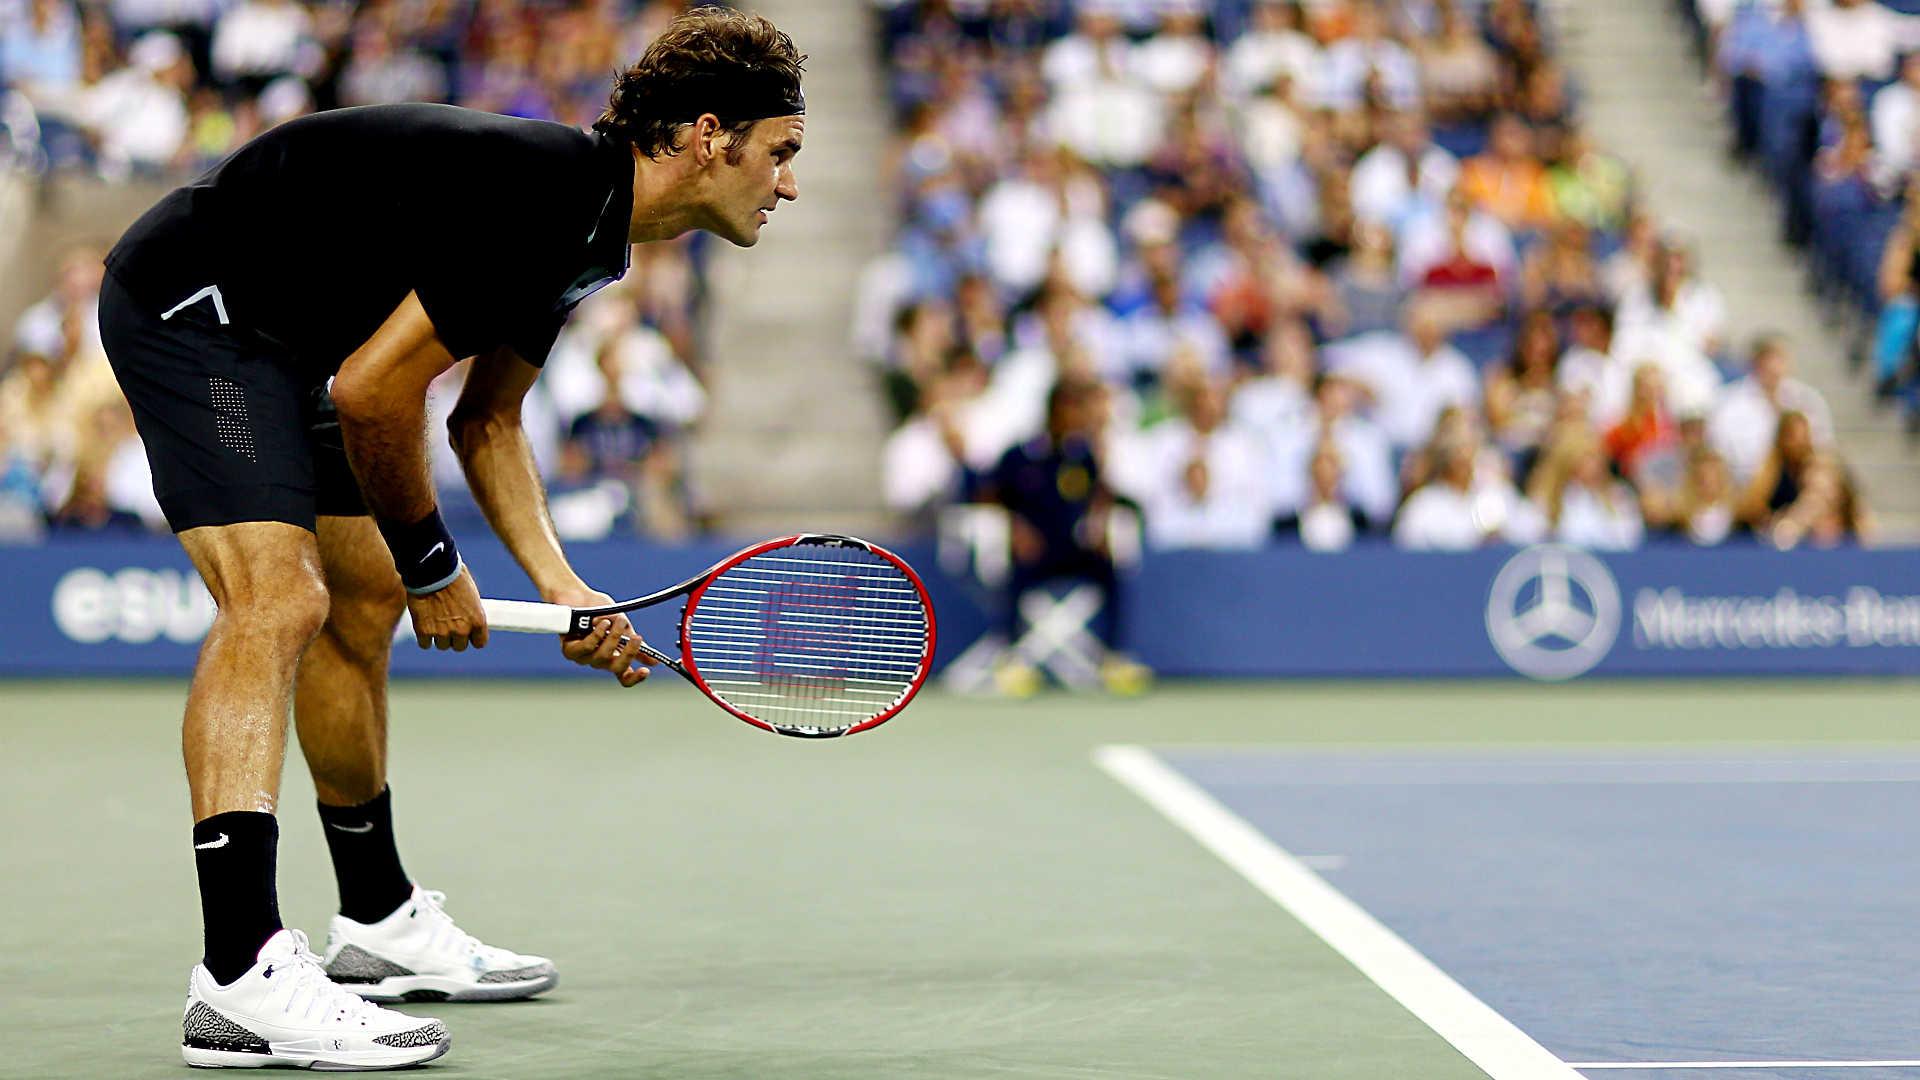 Roger-Federer-090214-GETTY-FTR.jpg